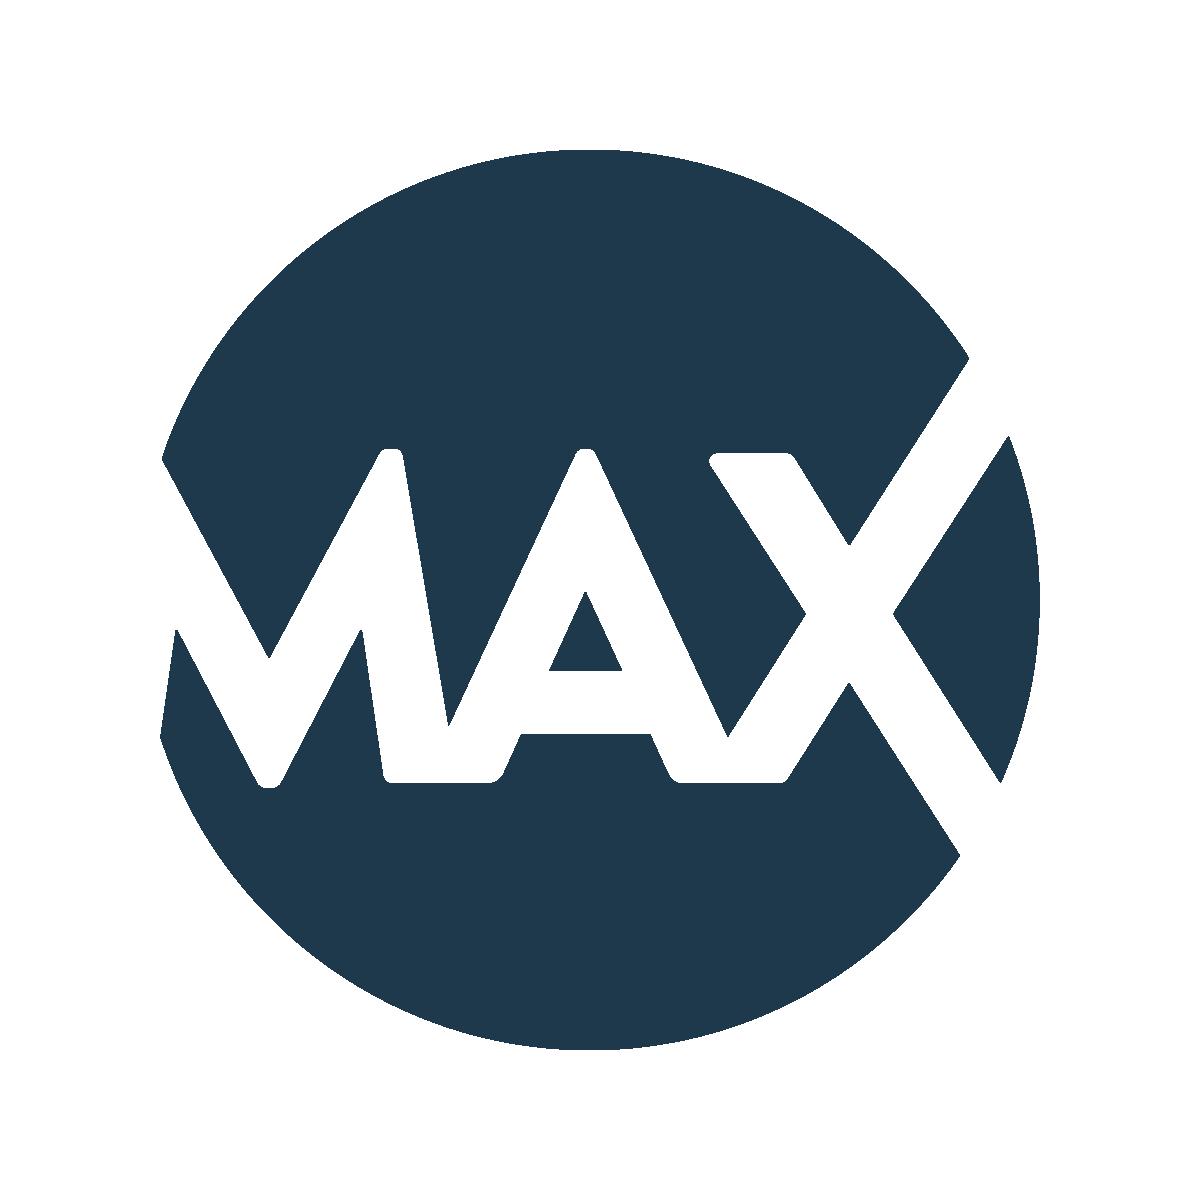 logo_max_bleu